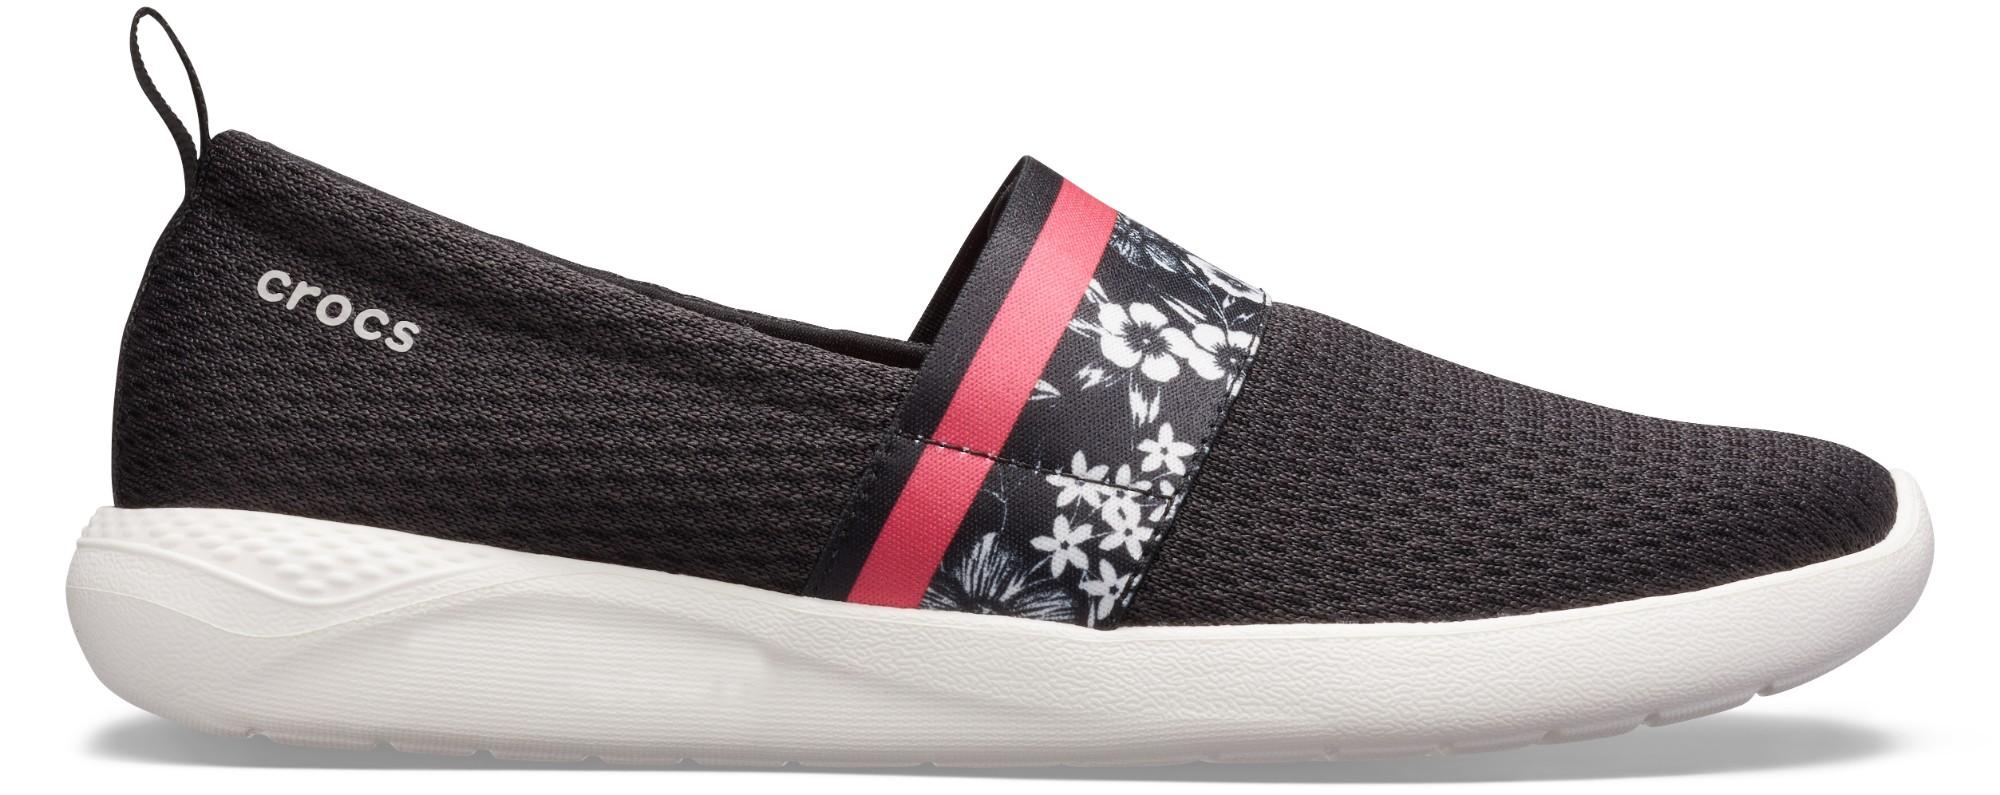 Crocs™ LiteRide Hyper Floral SlipOn Women's Black/White 39,5